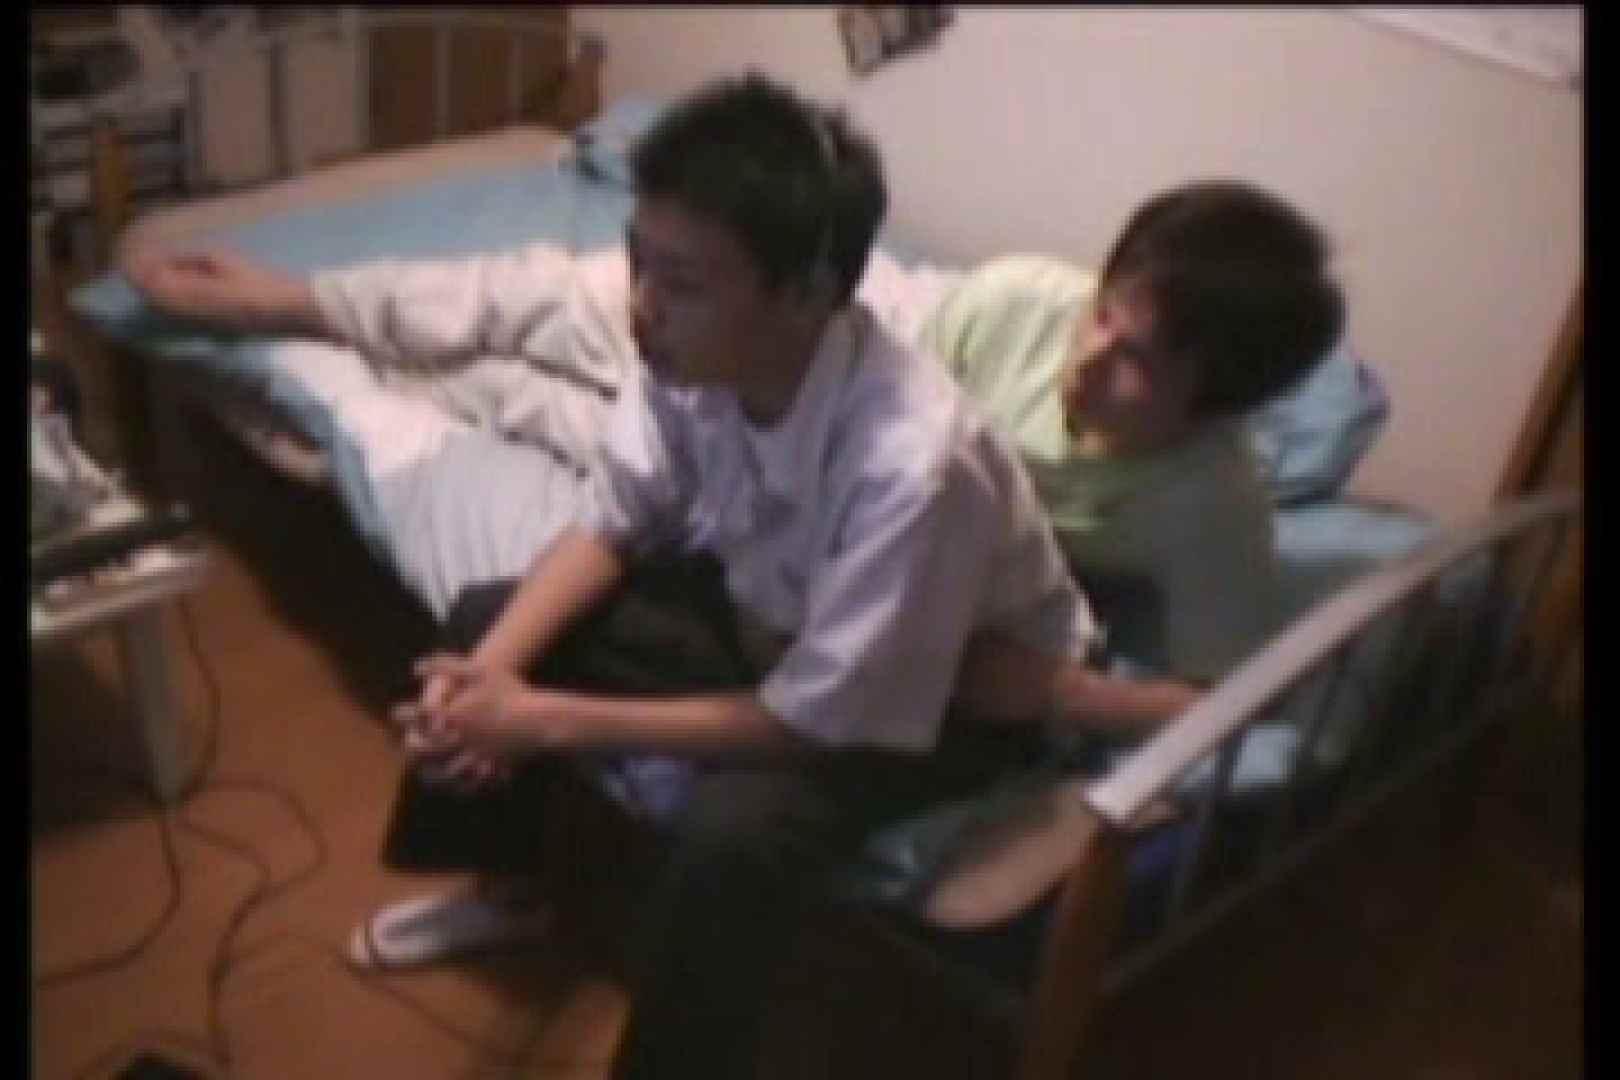 【実録投稿】友達覗撮In my room!! 射精  102pic 24